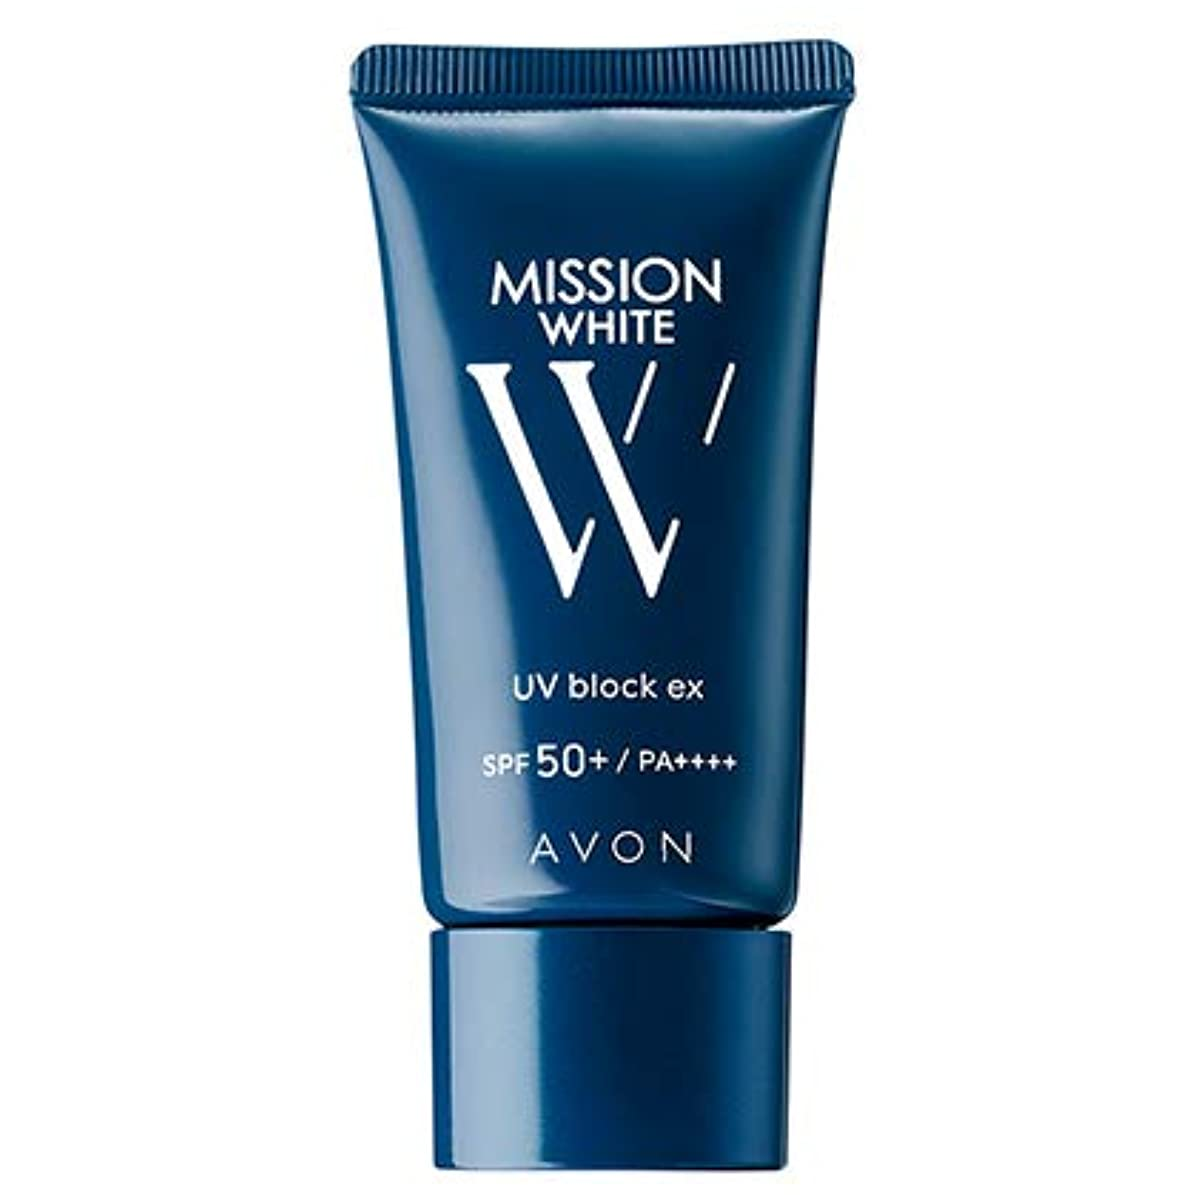 絶対にウェイタークレデンシャルエイボン ミッション ホワイト UVブロック EX(SPF50+/PA++++)(医薬部外品) 30g